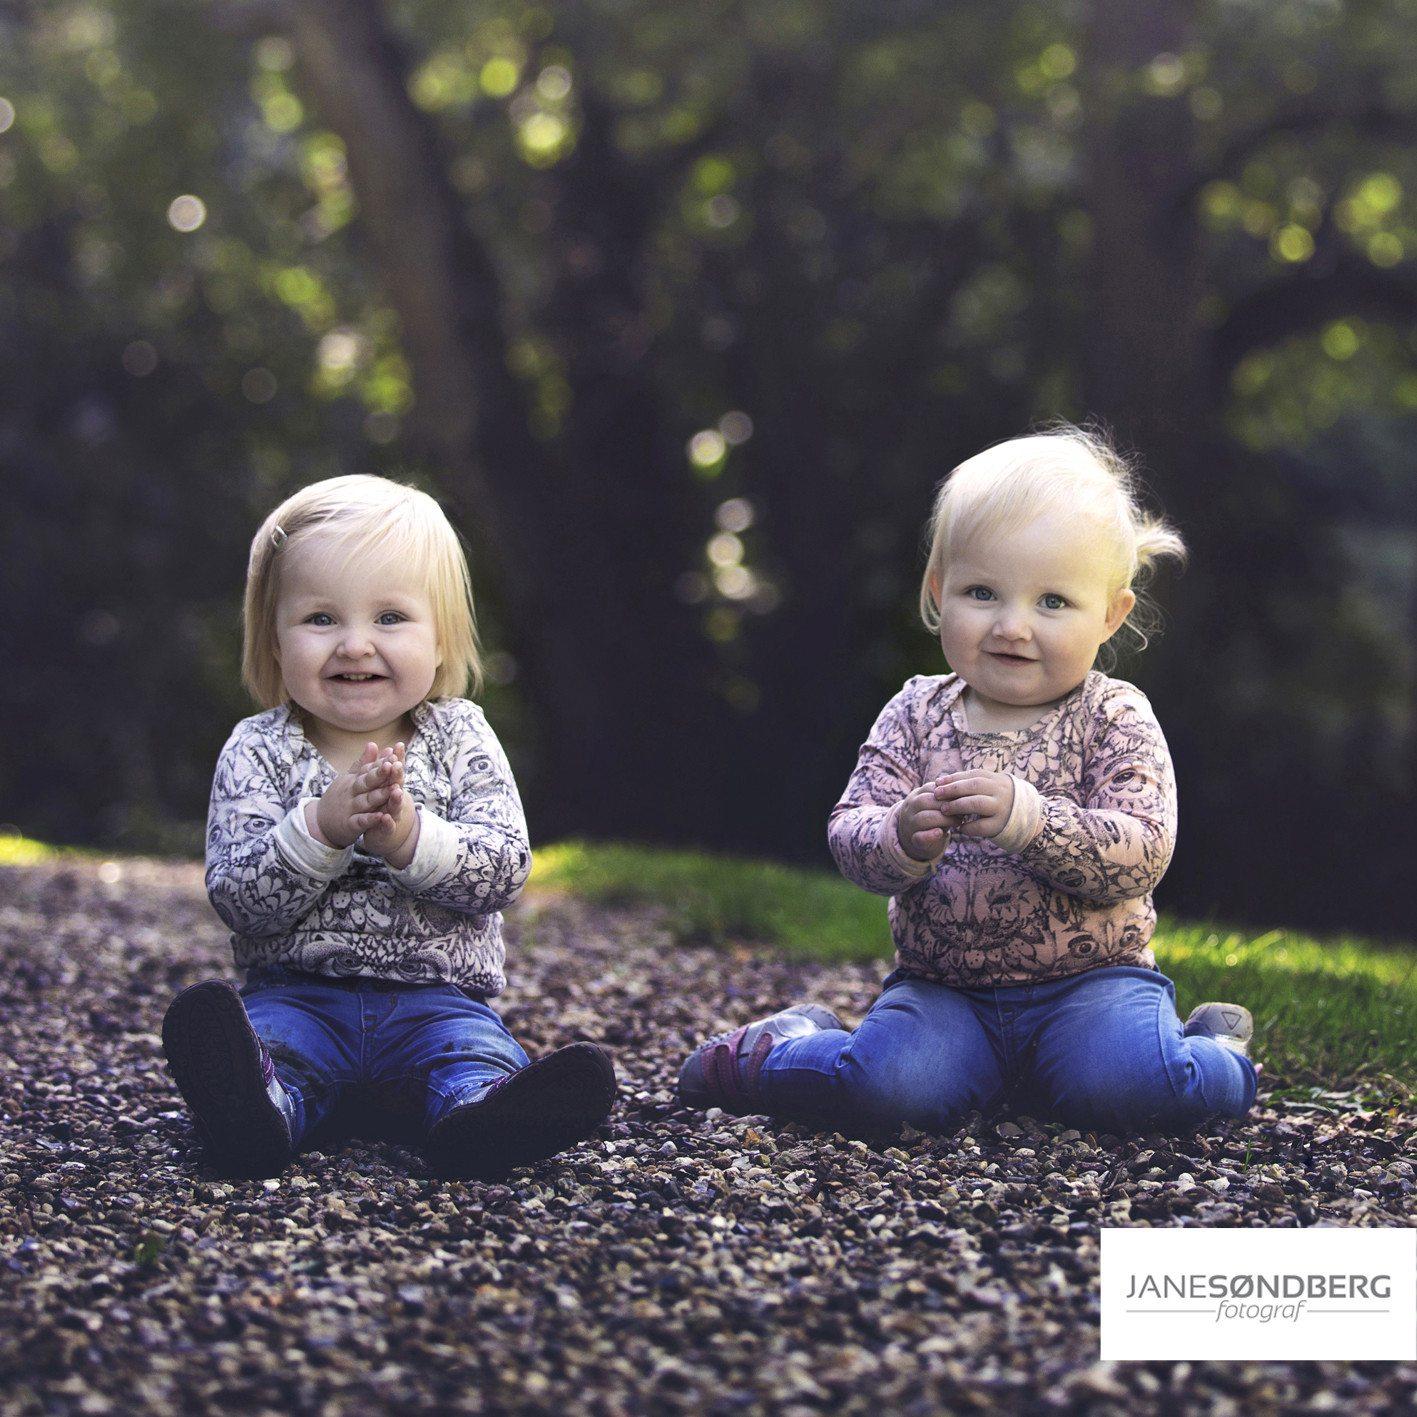 Søskende fotografering i det fri - Silkeborg